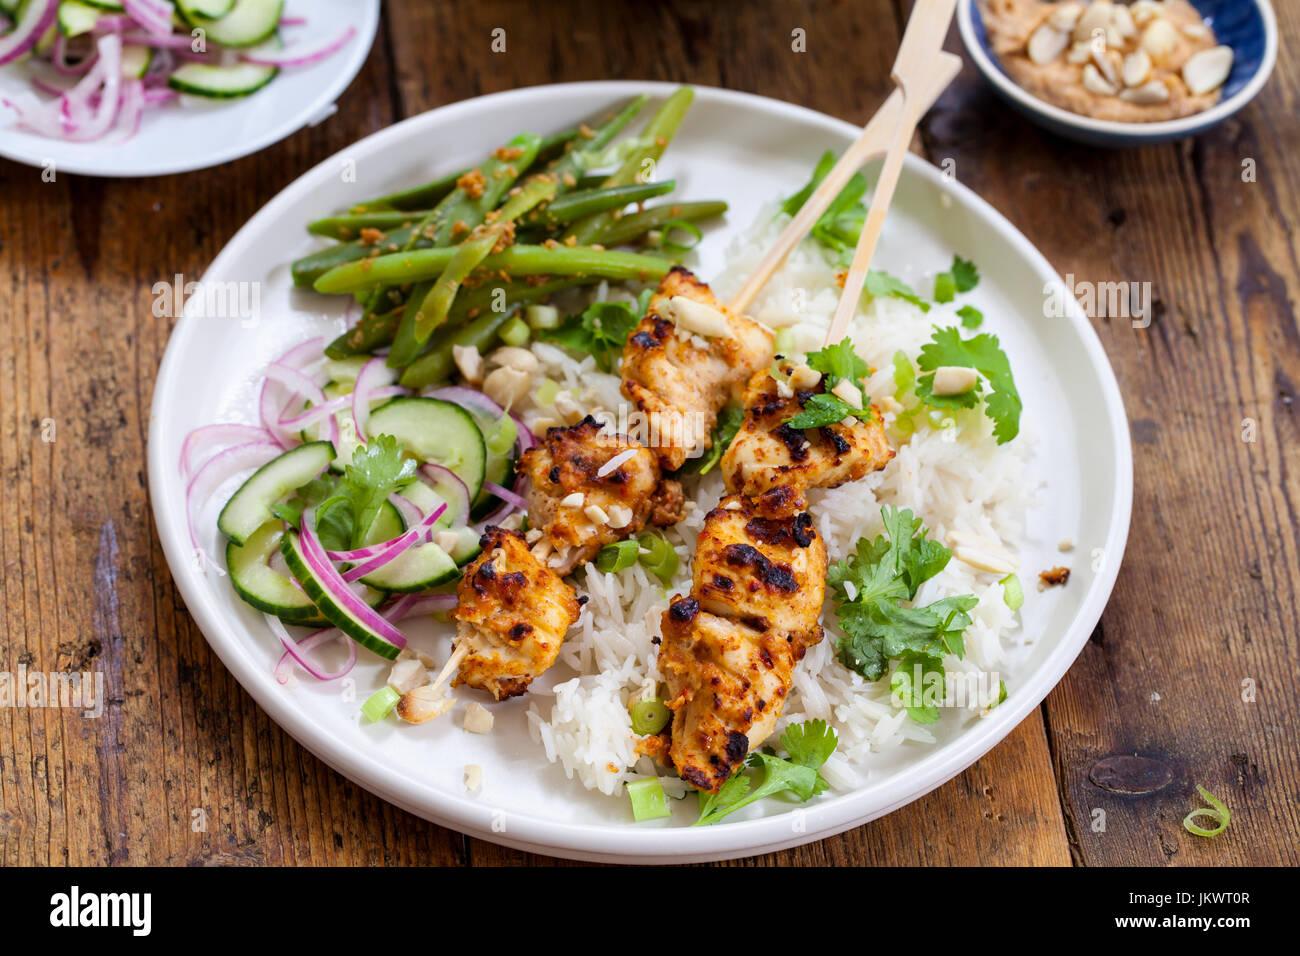 Brochettes Satay de poulet avec riz, salade de concombre et de haricots verts Photo Stock